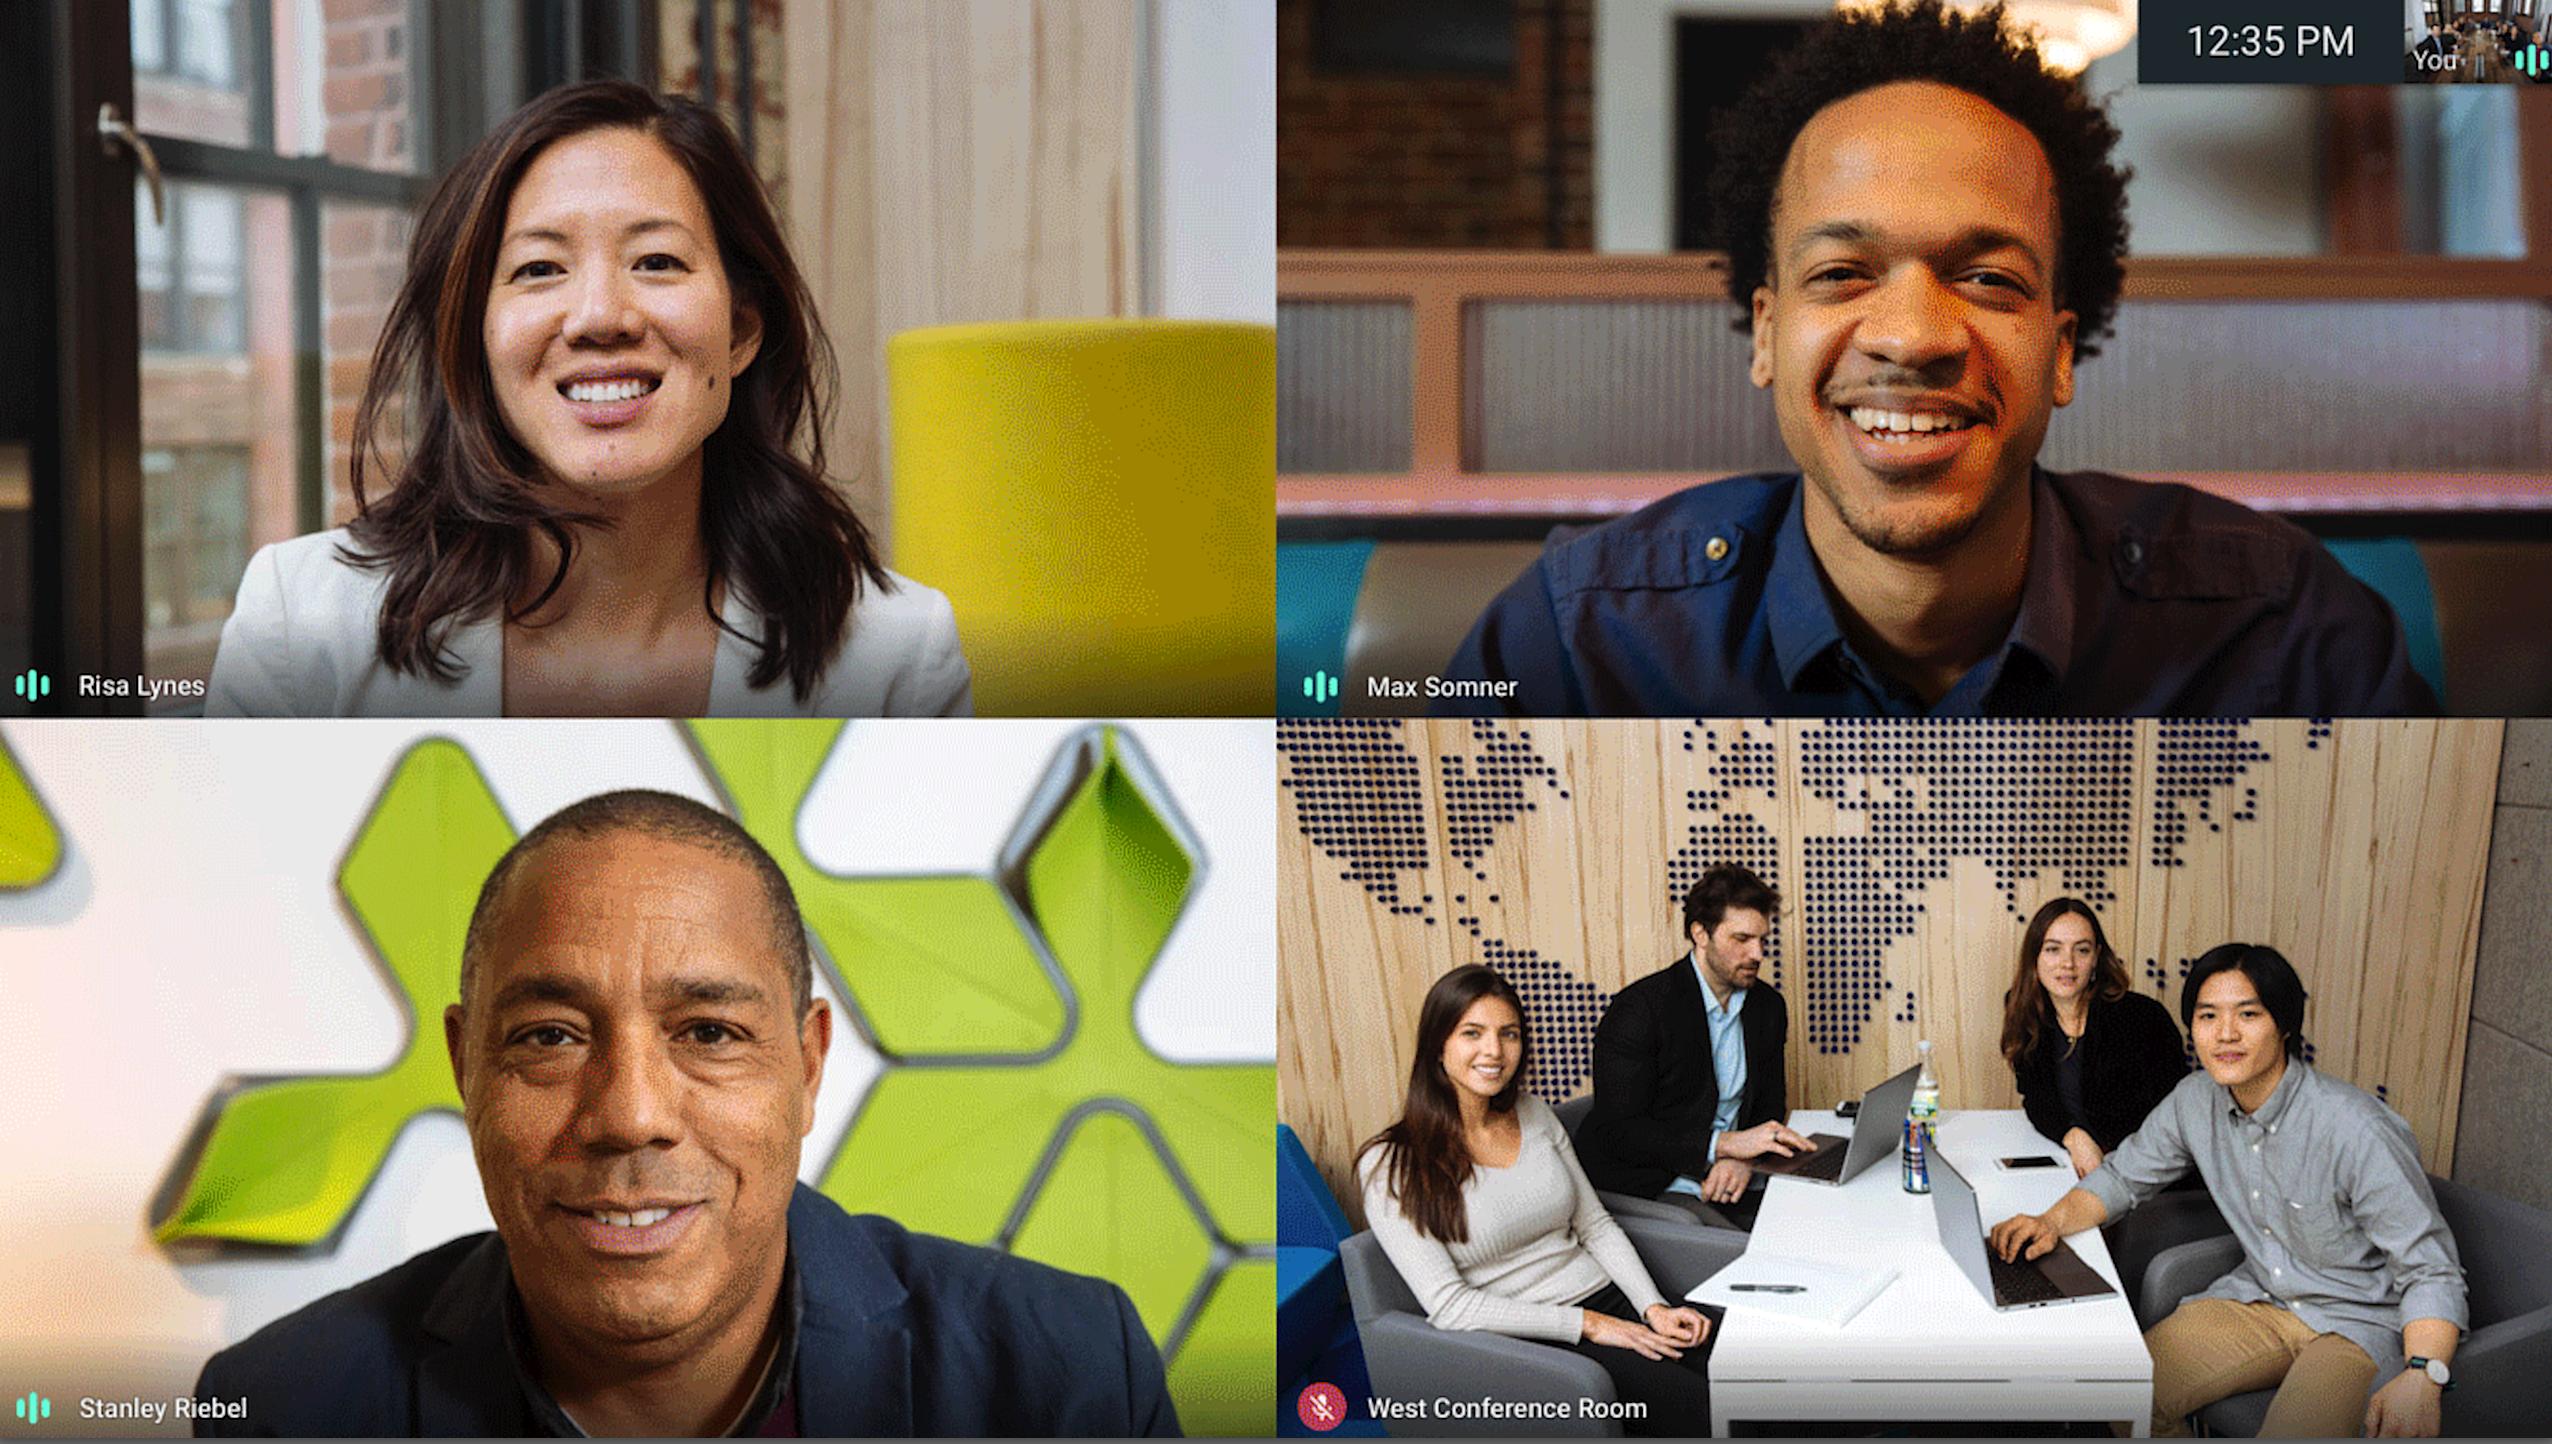 더 나은 화상 통화를 위한 6가지 팁…구글, 재택근무자를 위한 행아웃 활용법 소개